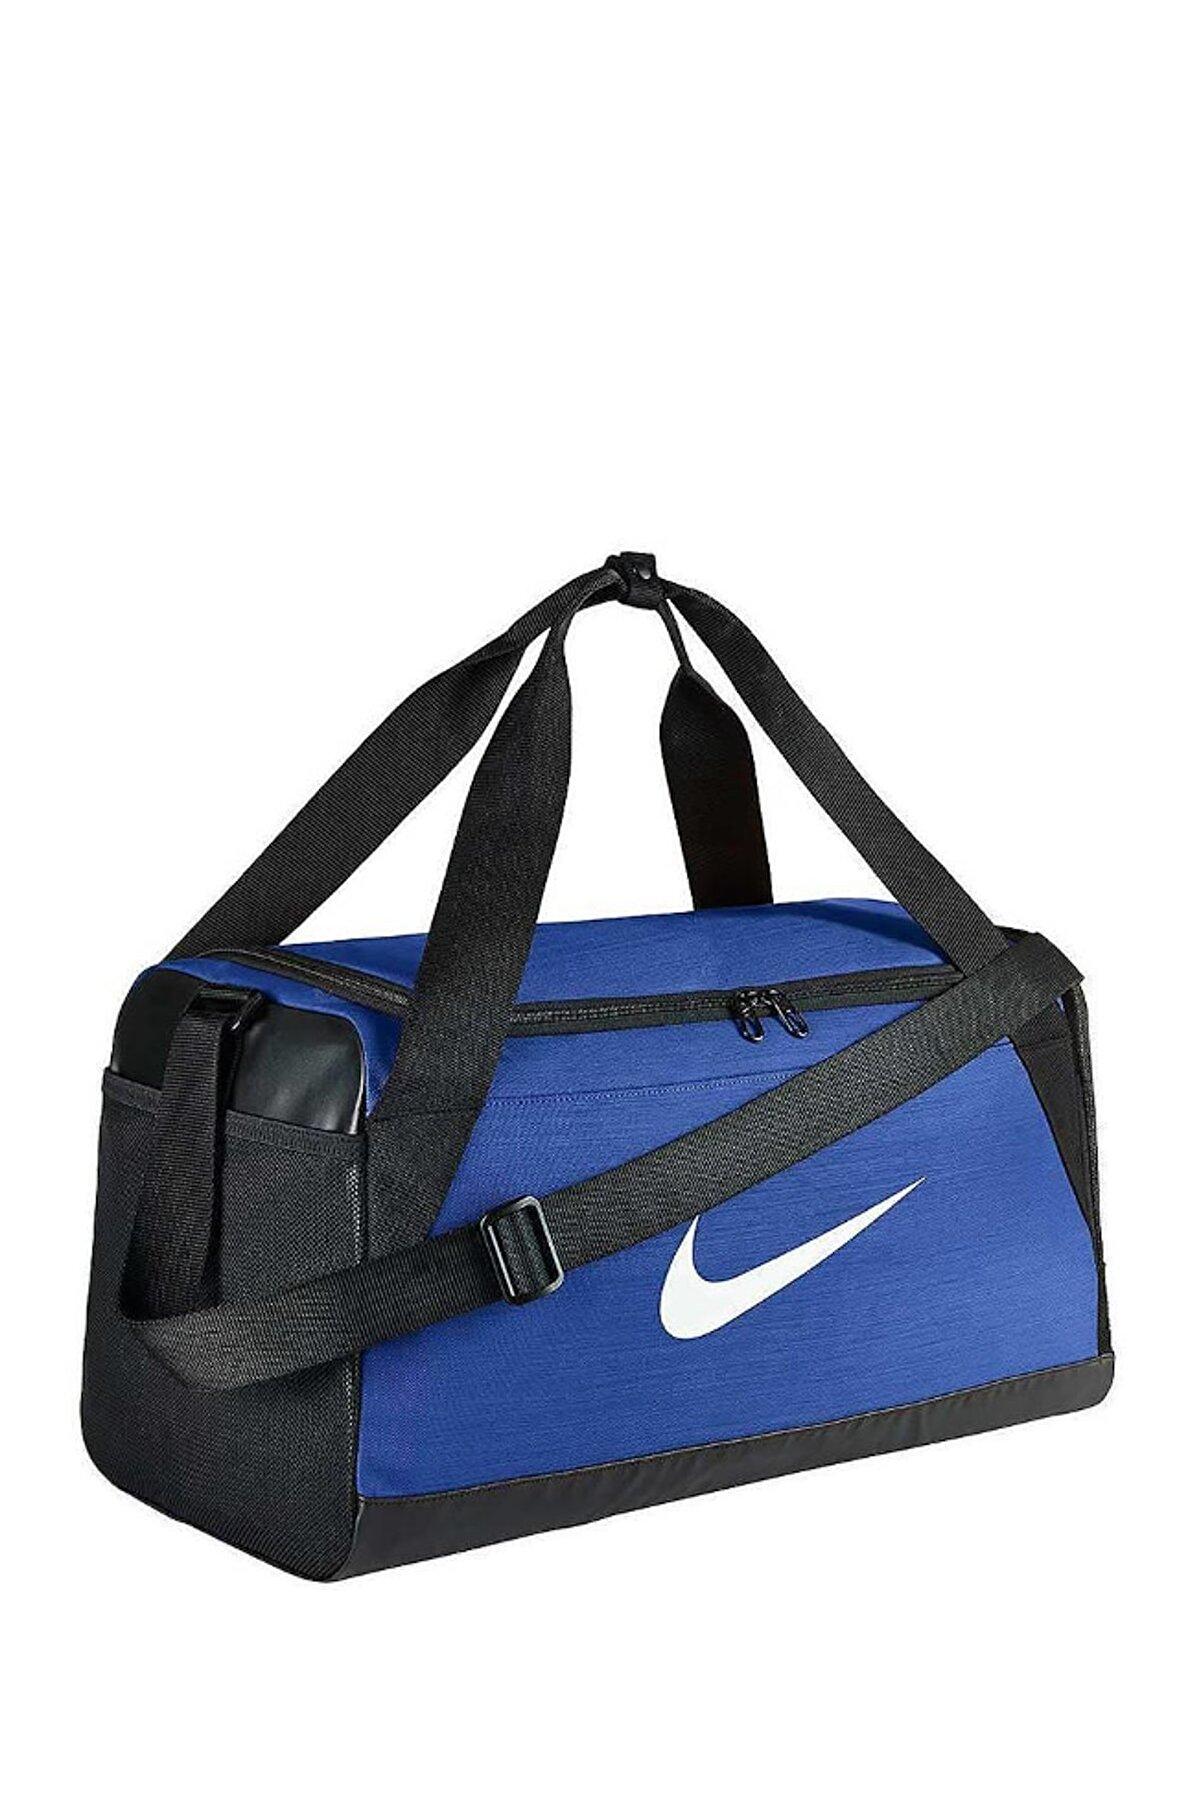 Nike Unisex Spor Çantası - Çanta - BA5335-480